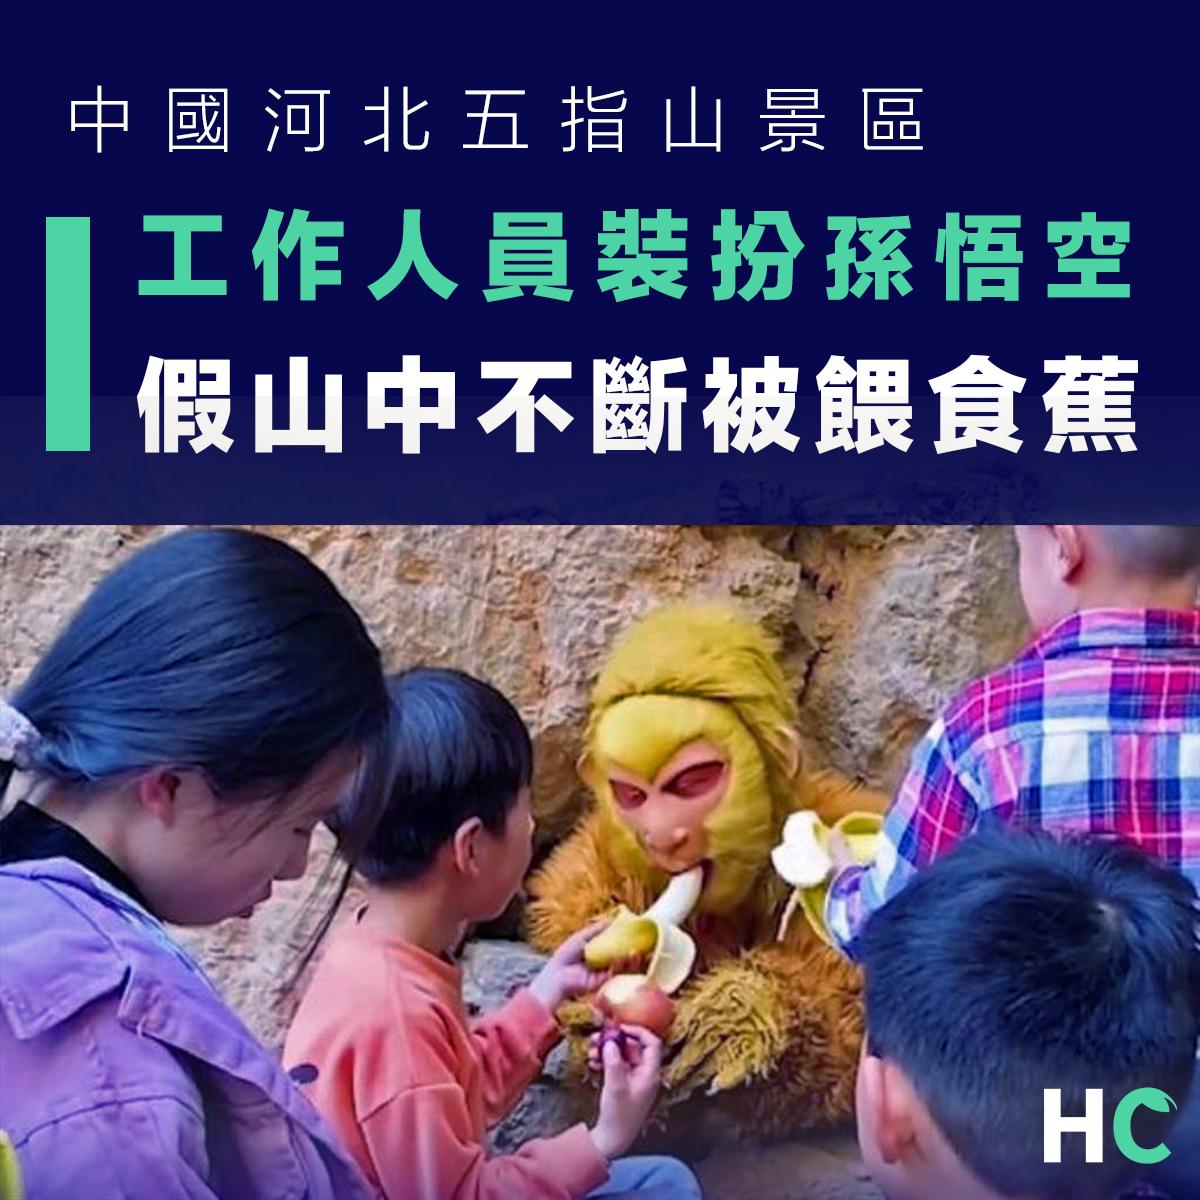 中國景點工作人員裝扮孫悟空